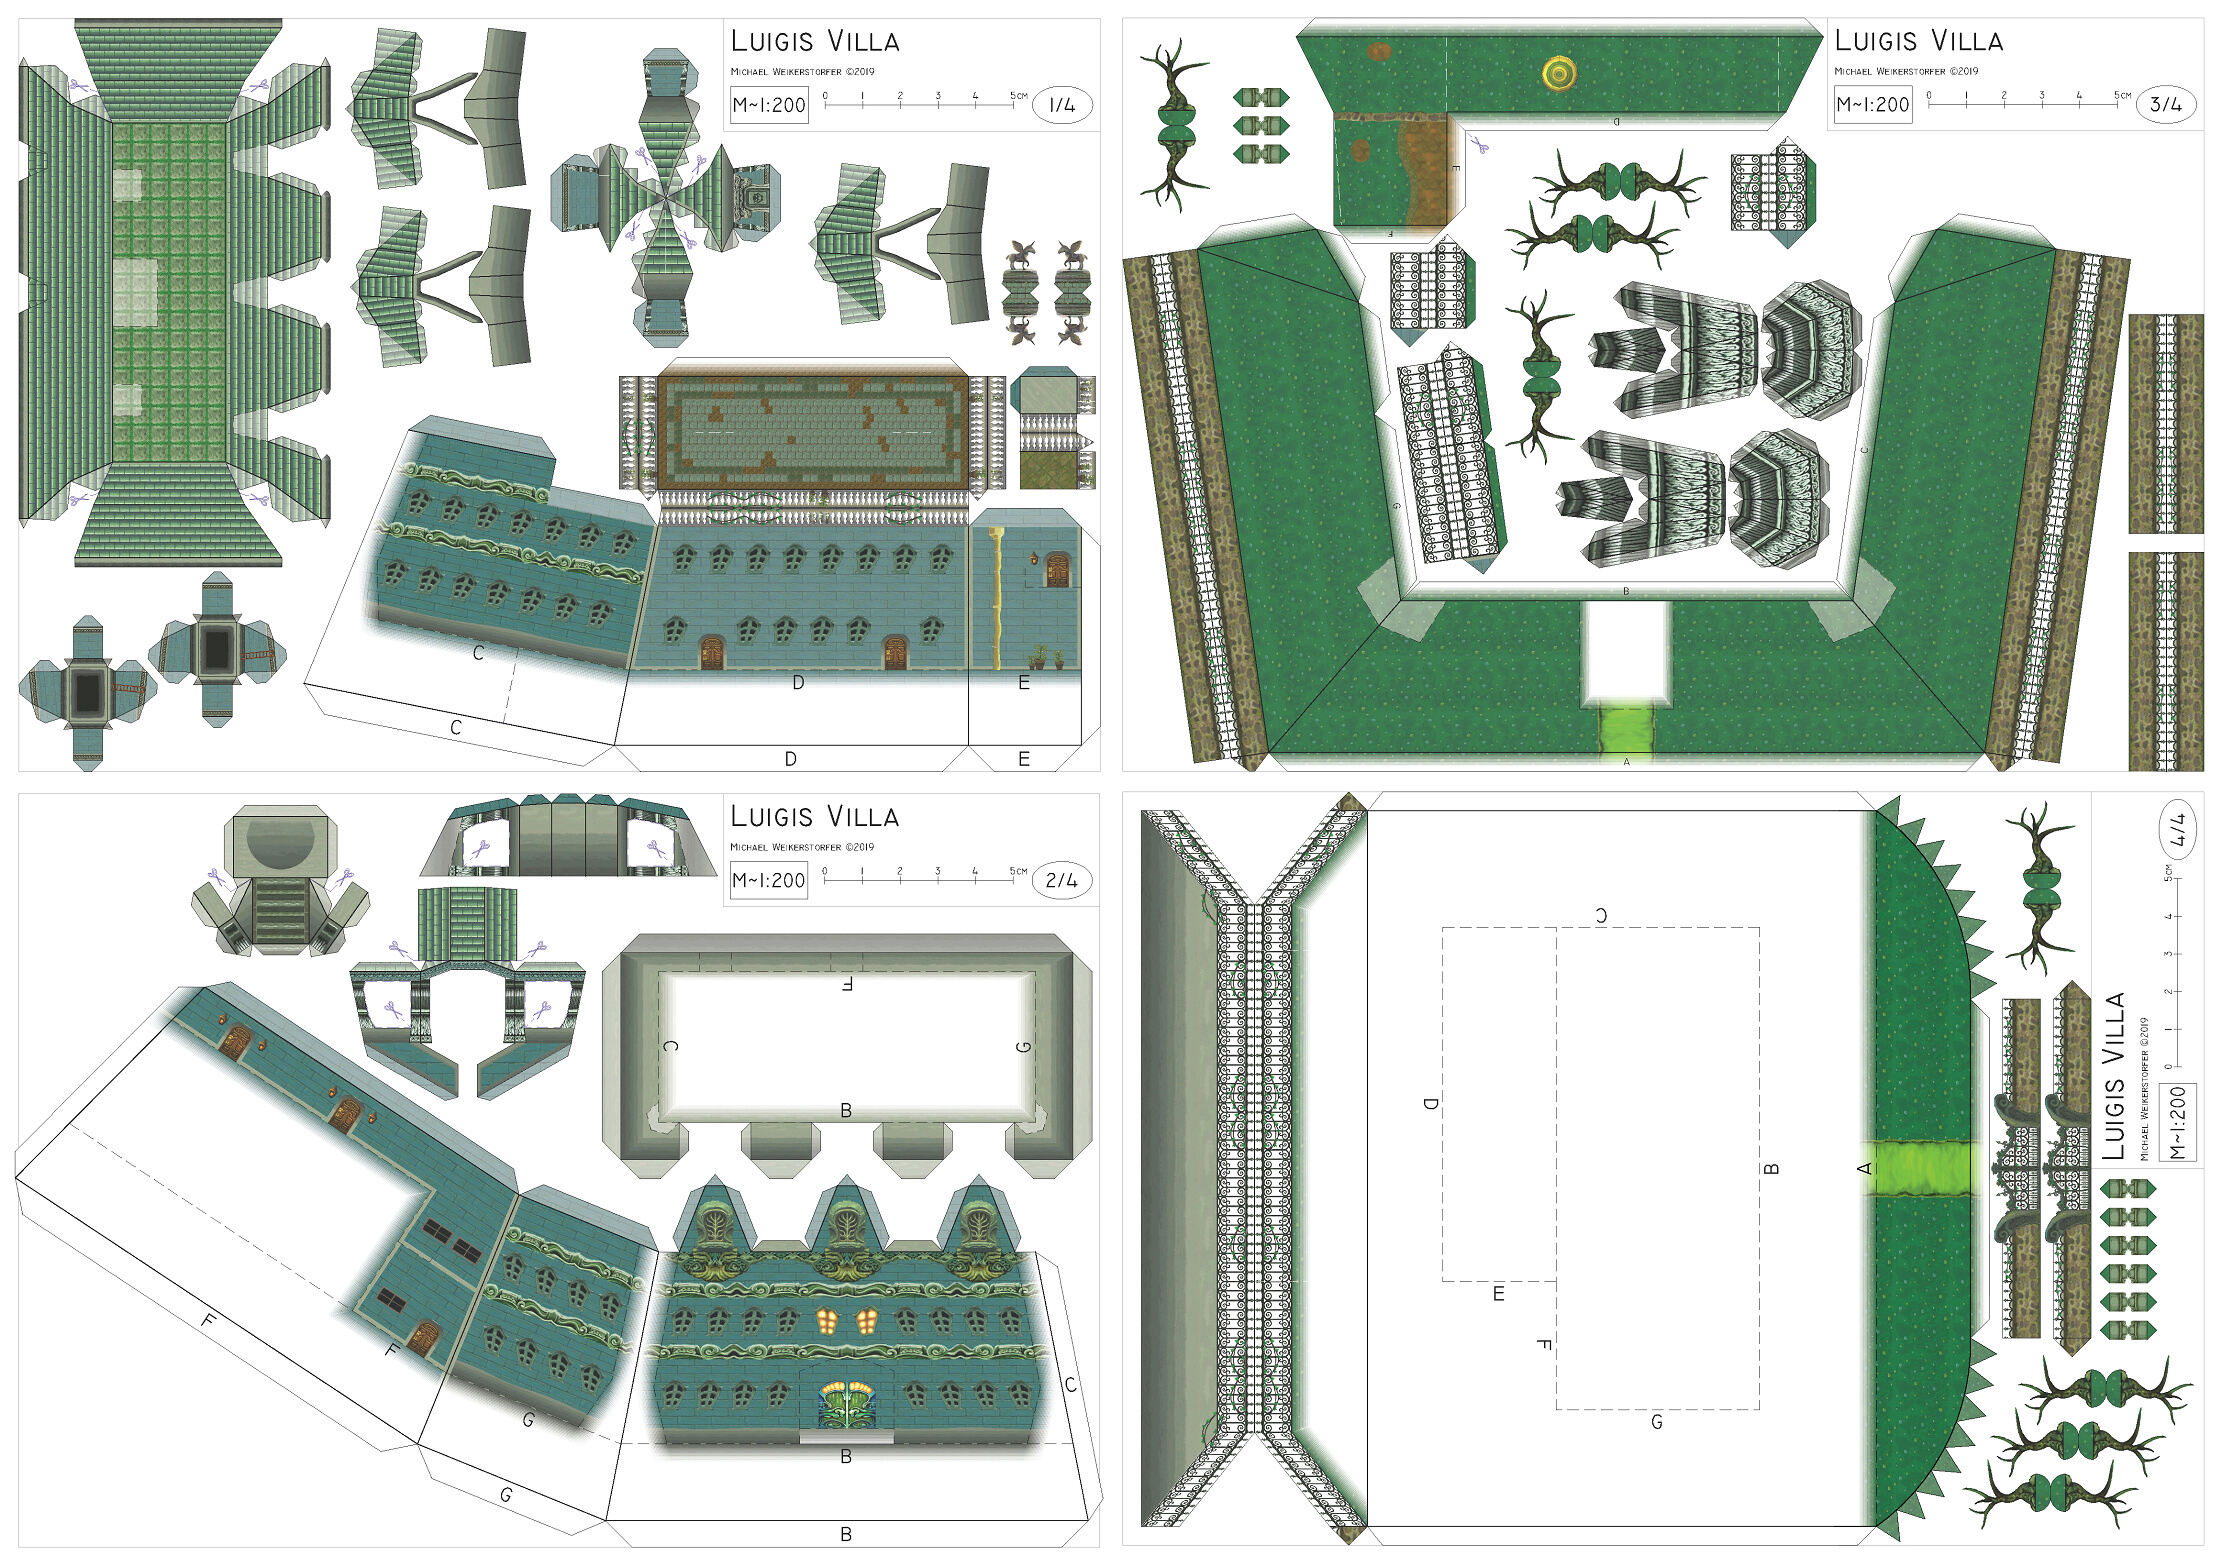 Luigi's Mansion - Die Gruselvilla aus dem Gamecube-Klassiker Lm_mod10